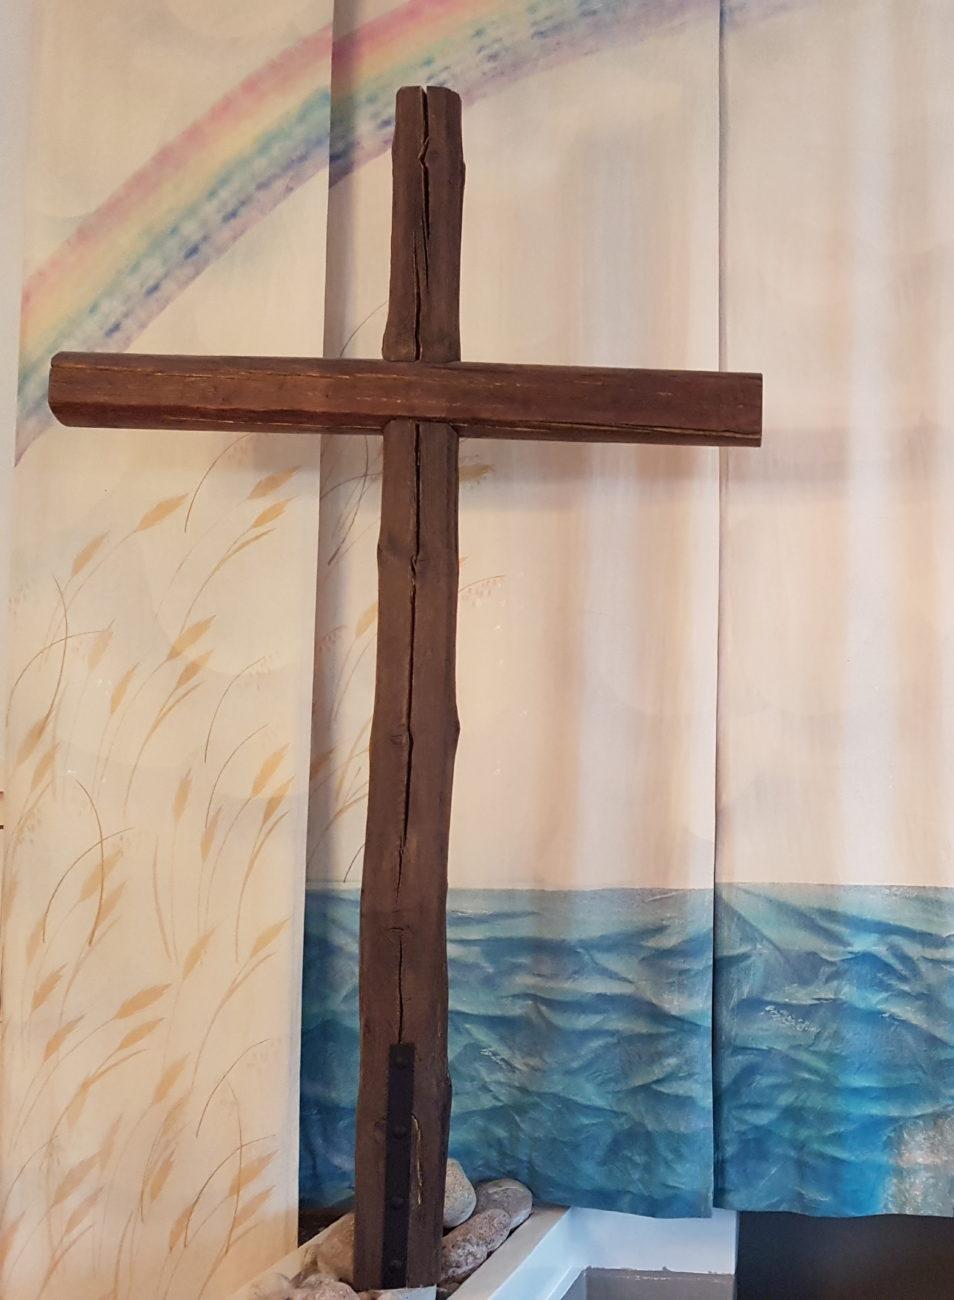 Videoandakt ekumeniska böneveckan